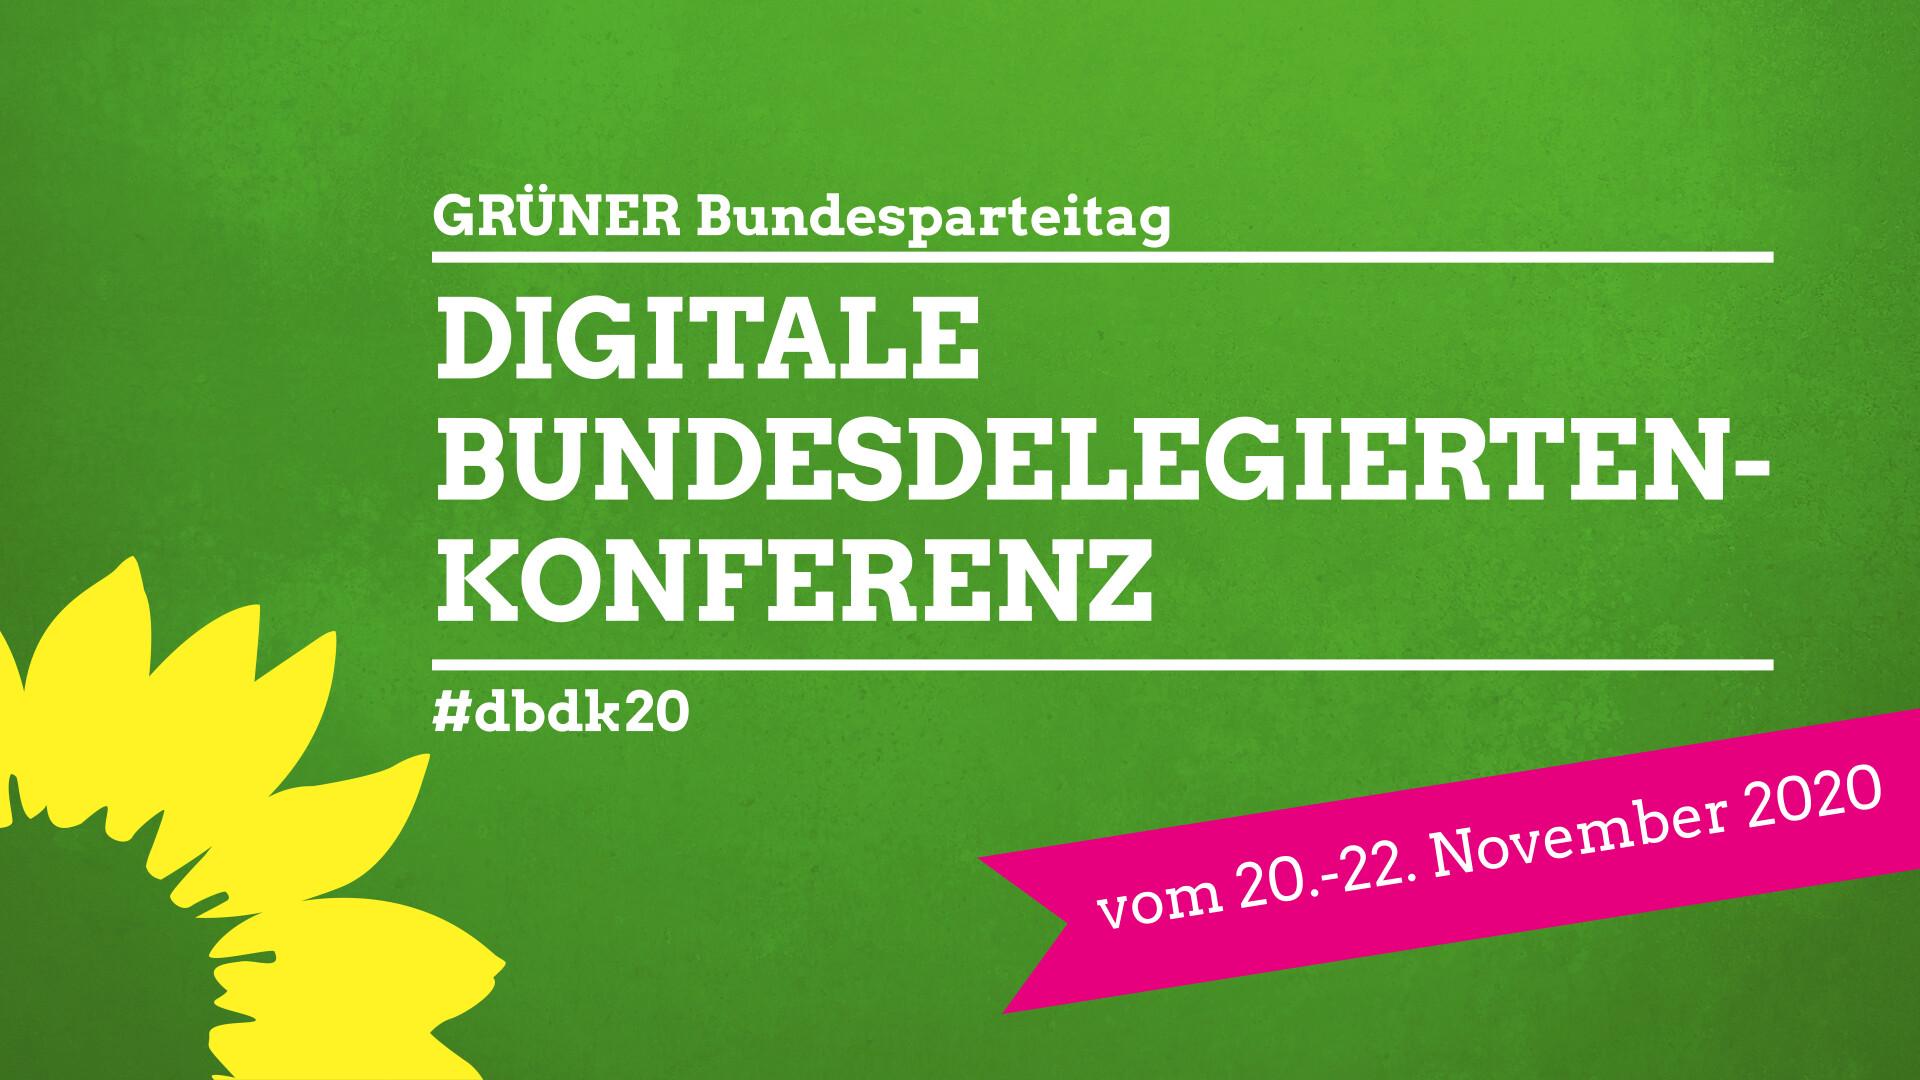 digitale Bundesdelgiertenkonferenz